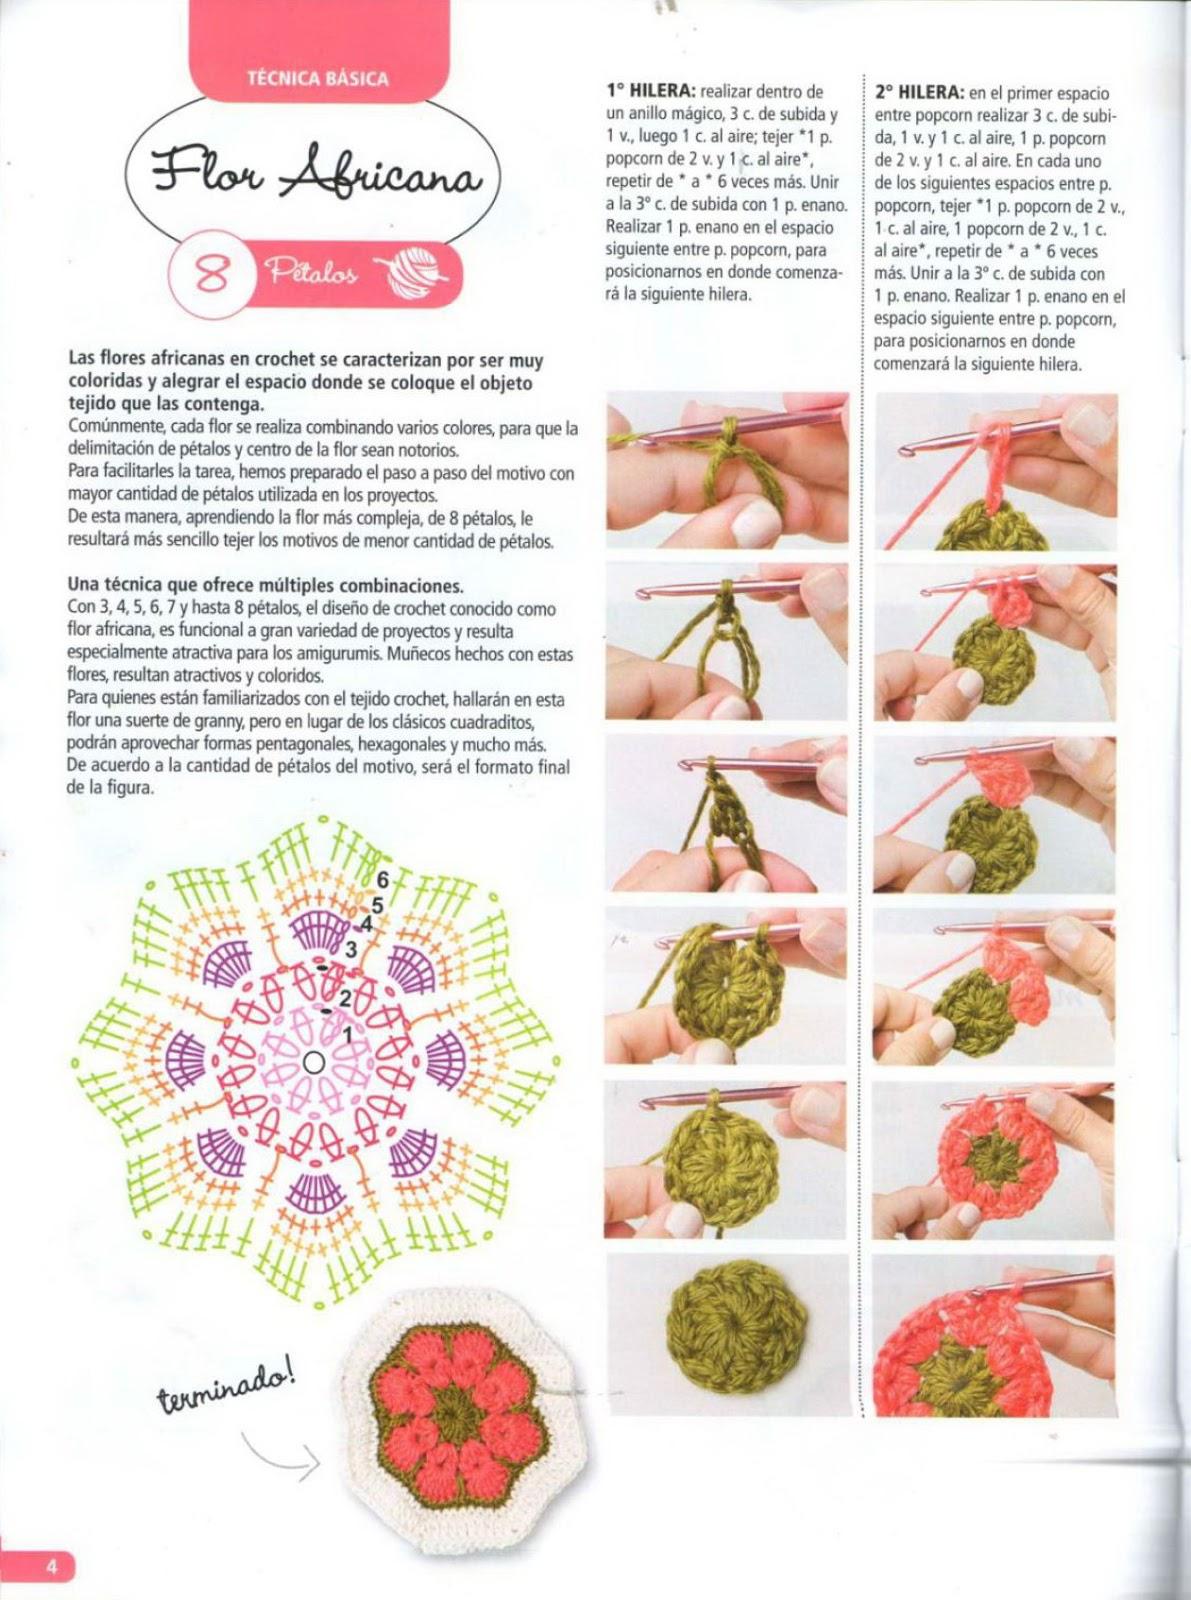 African Flower Amigurumi Free : Revista amigurumi 2016 - Revistas de crochet y tejidos gratis